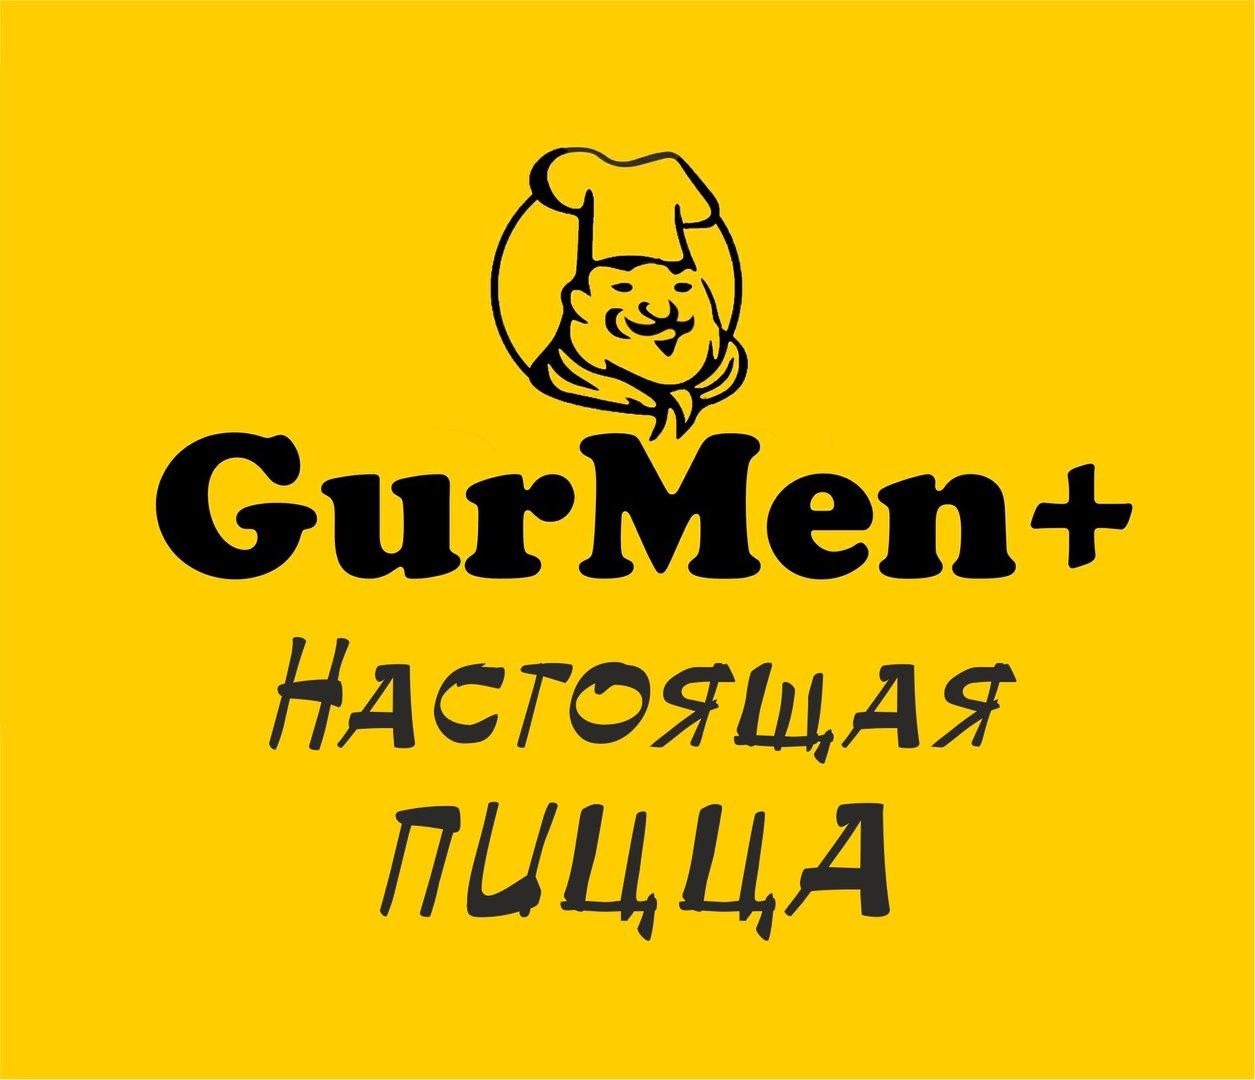 Gurmen+